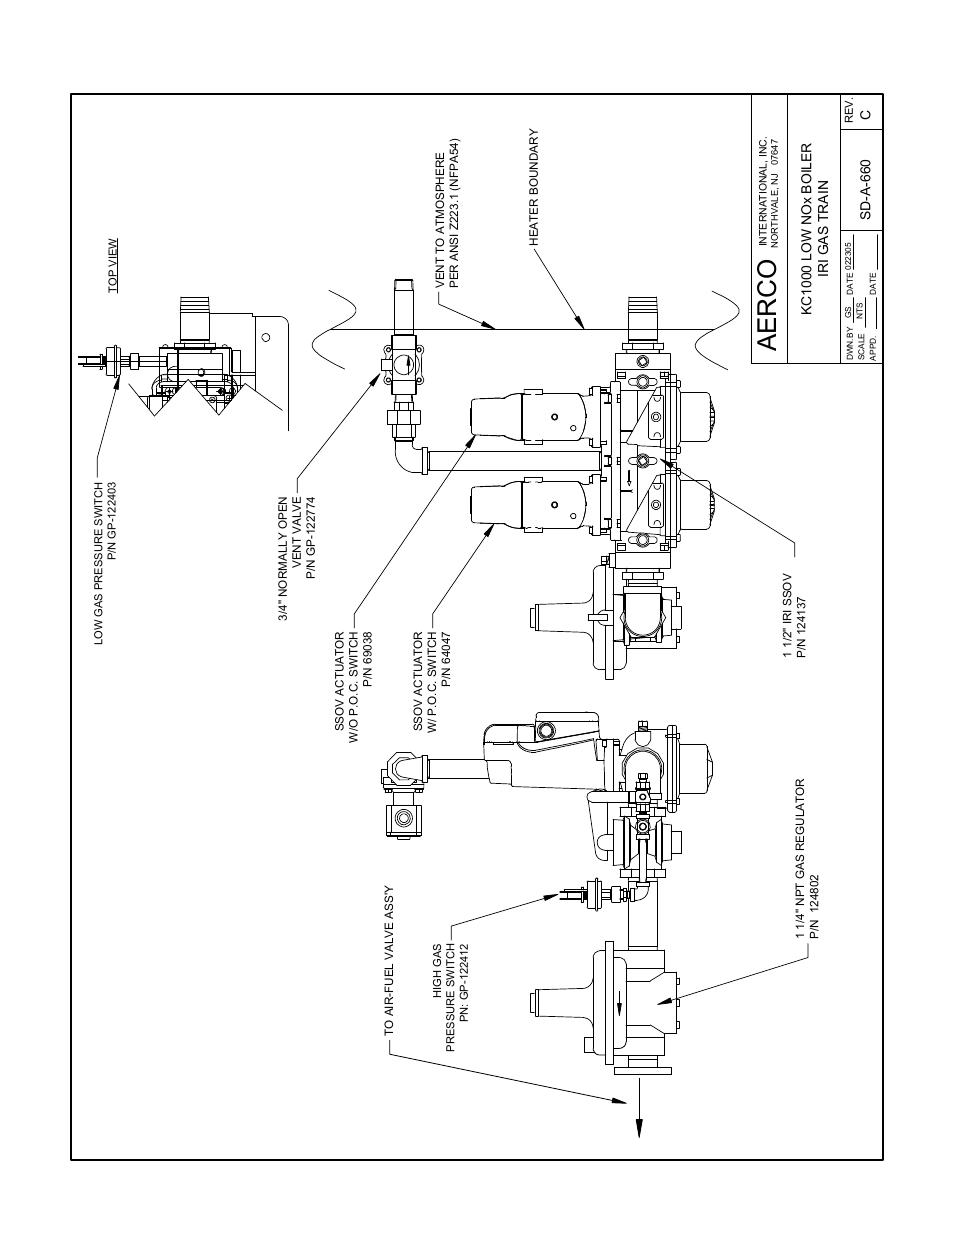 Manuals] 426 Hemi Engine Diagram.pdf FULL Version HD Quality Engine Diagram.pdf  - NOTE5MANUALGUIDECOM.LARIELARI.ITLARIELARI.IT: Ebook User Manual Guide Reference